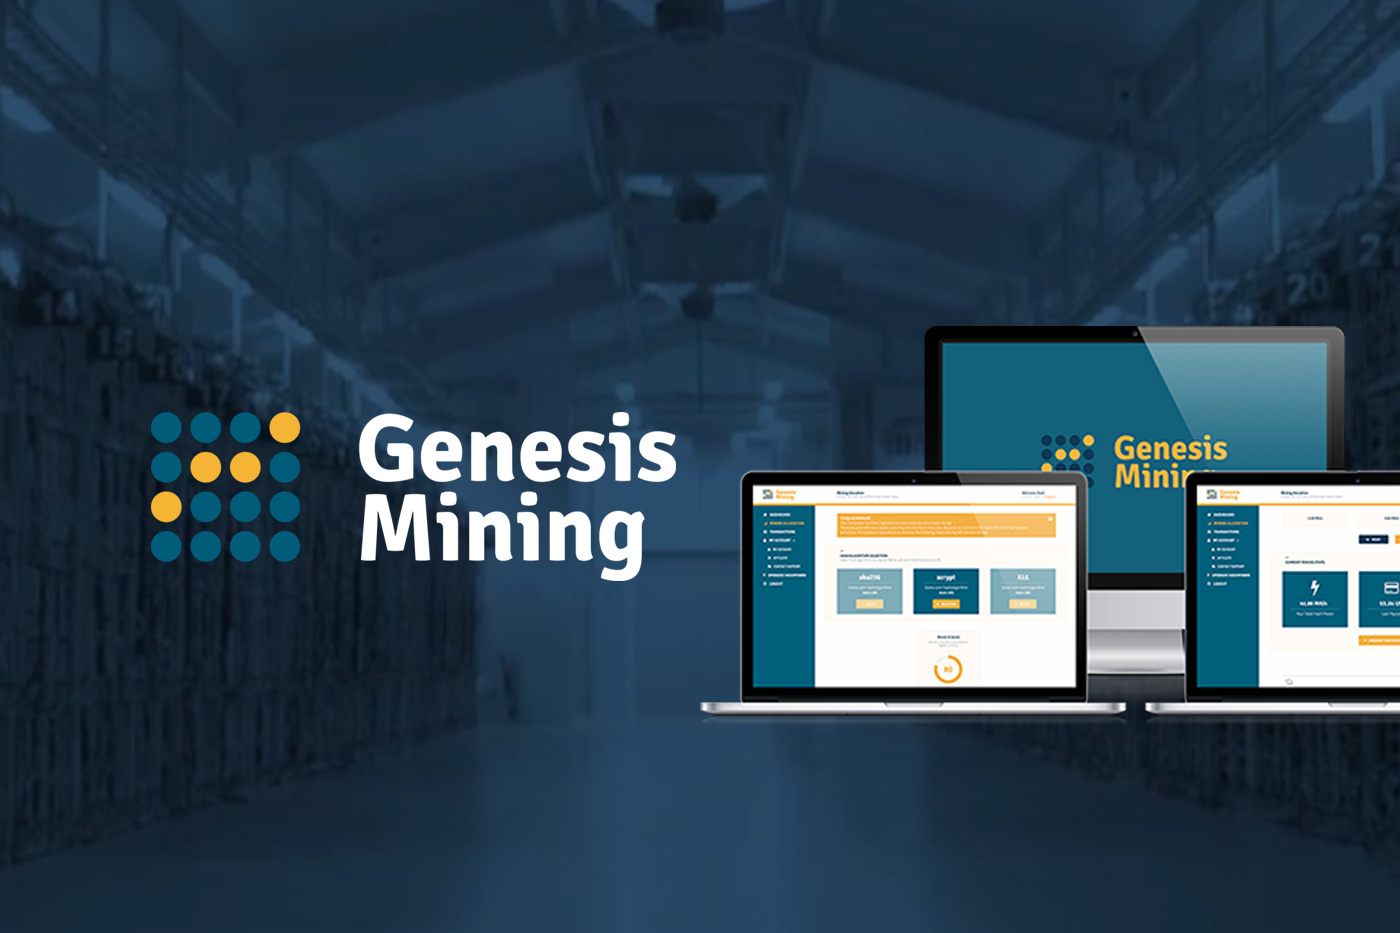 Genesis-Mining-hop-dong-tron-doi